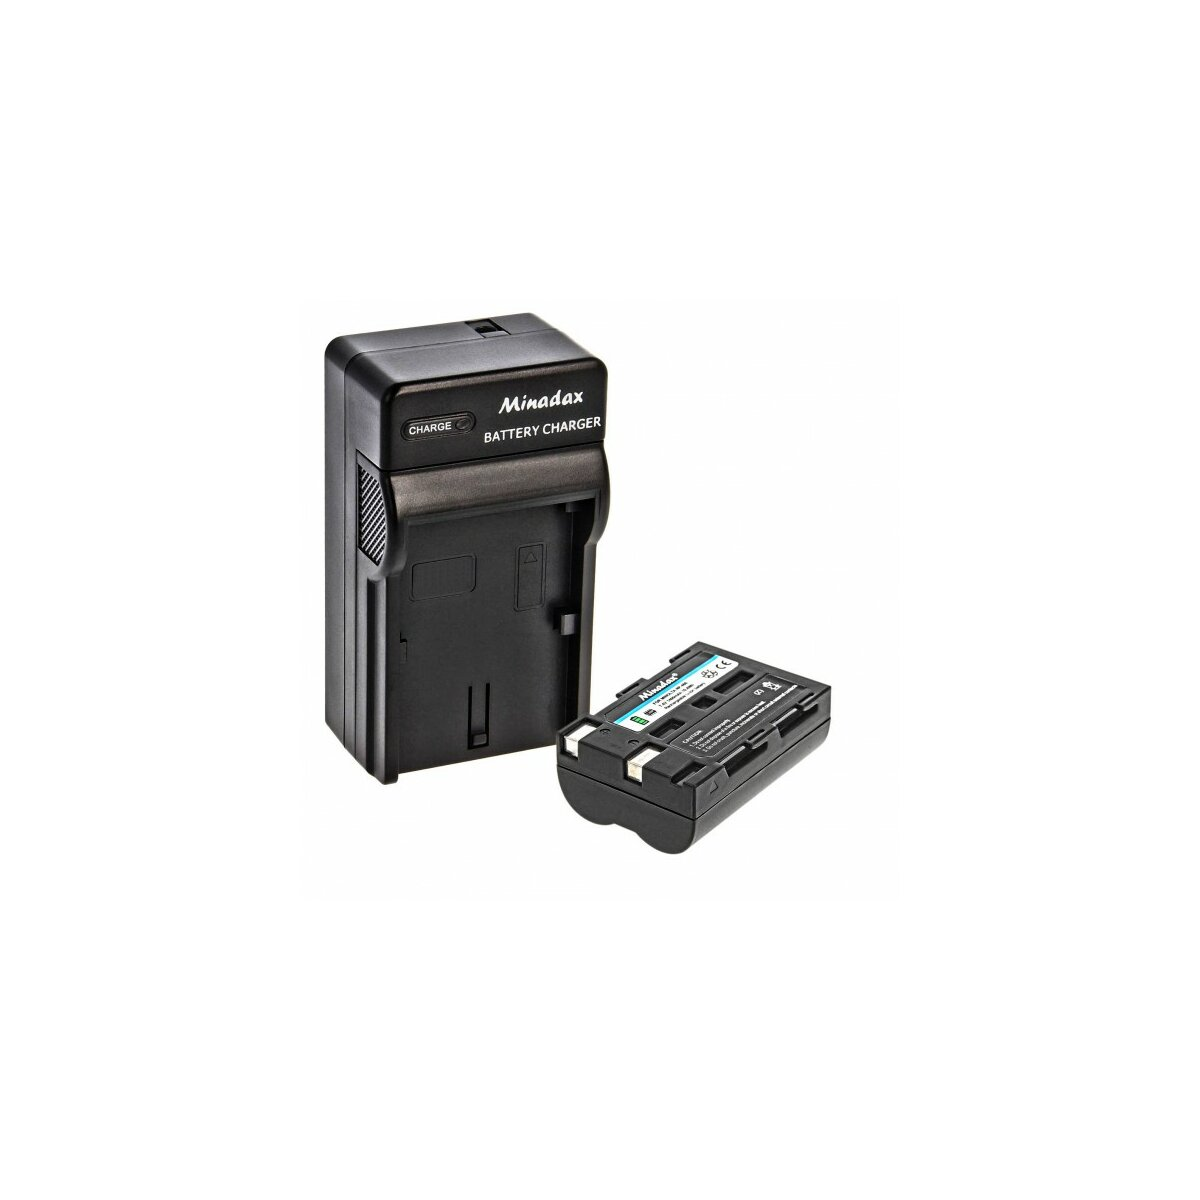 Minadax® Ladegeraet 100% kompatibel fuer Minolta NP-400 inkl. Auto Ladekabel, Ladeschale austauschbar + 1x Akku wie NP-400